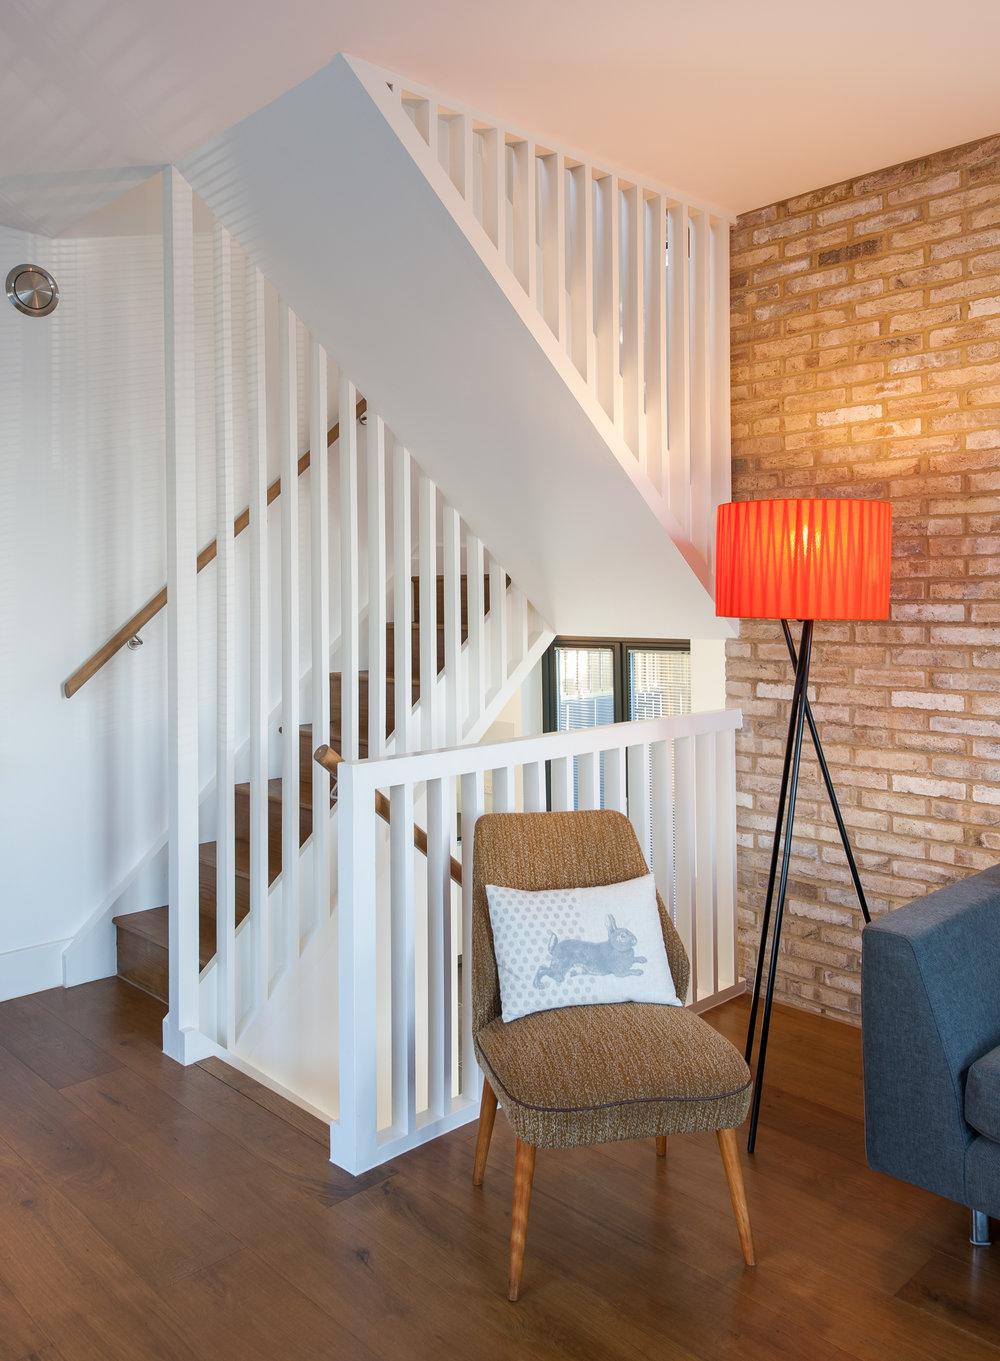 Essex Mews Stair Case - MW Architects